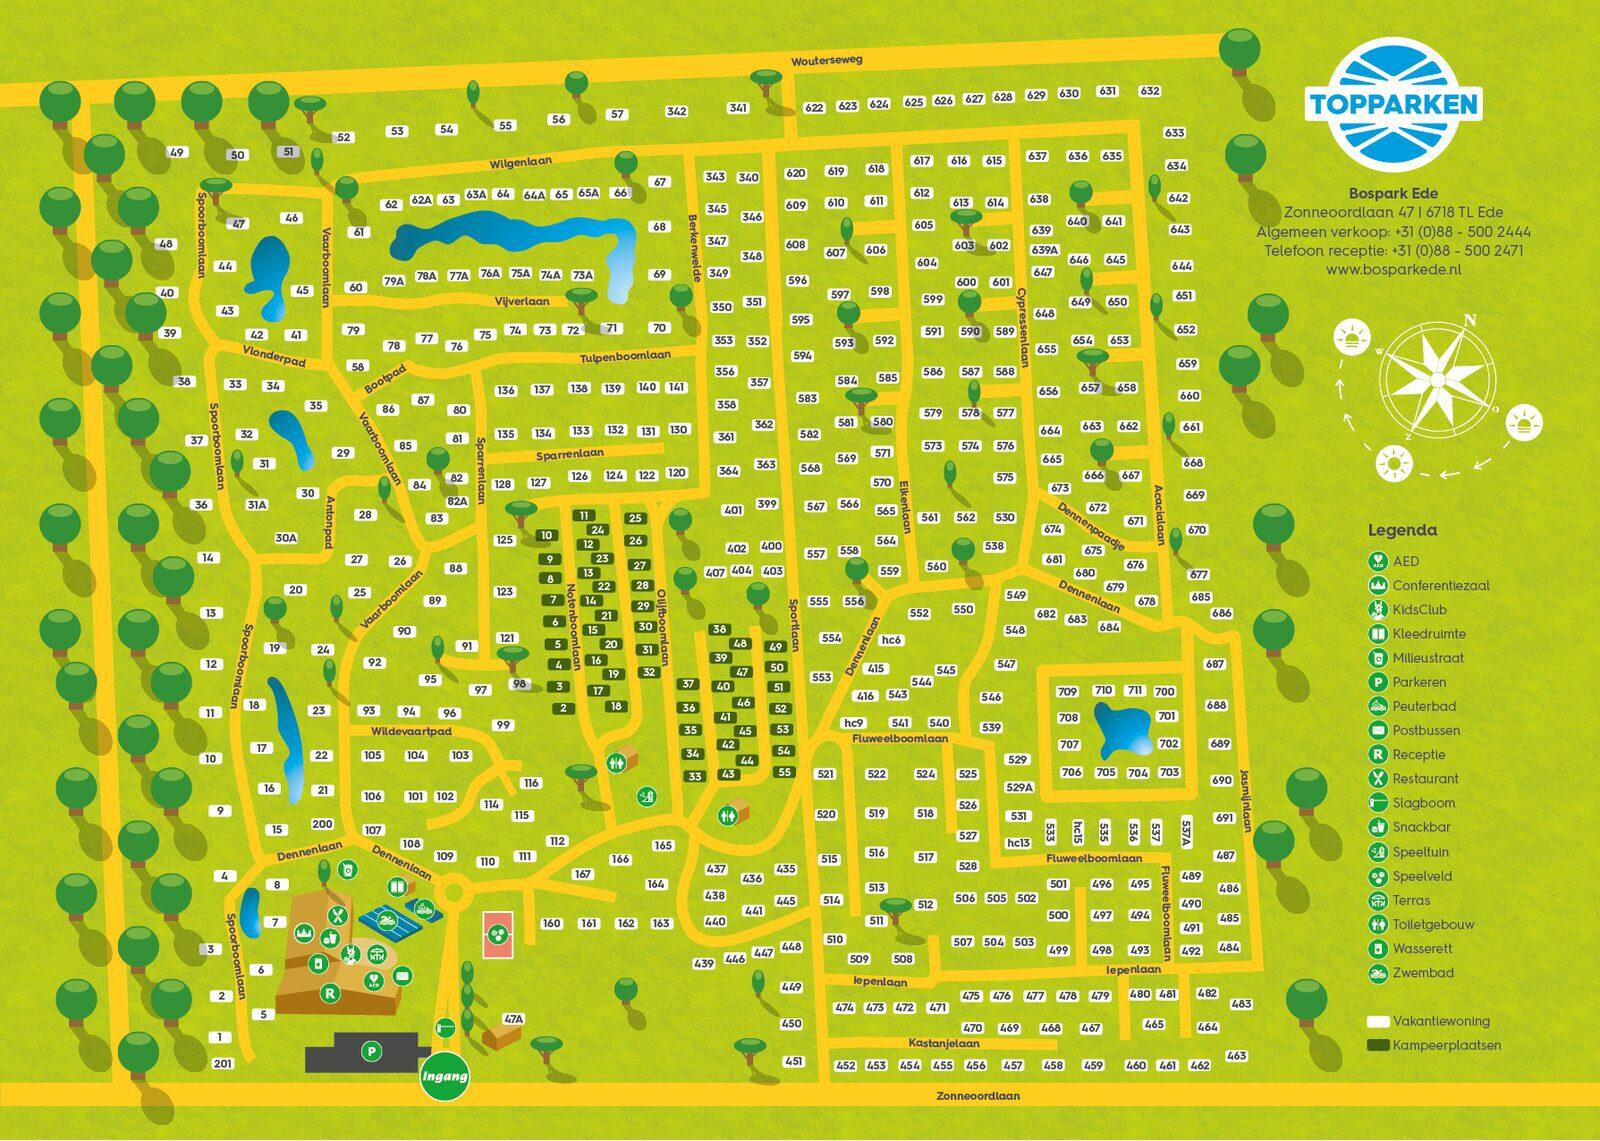 Parkplattegrond Bospark Ede